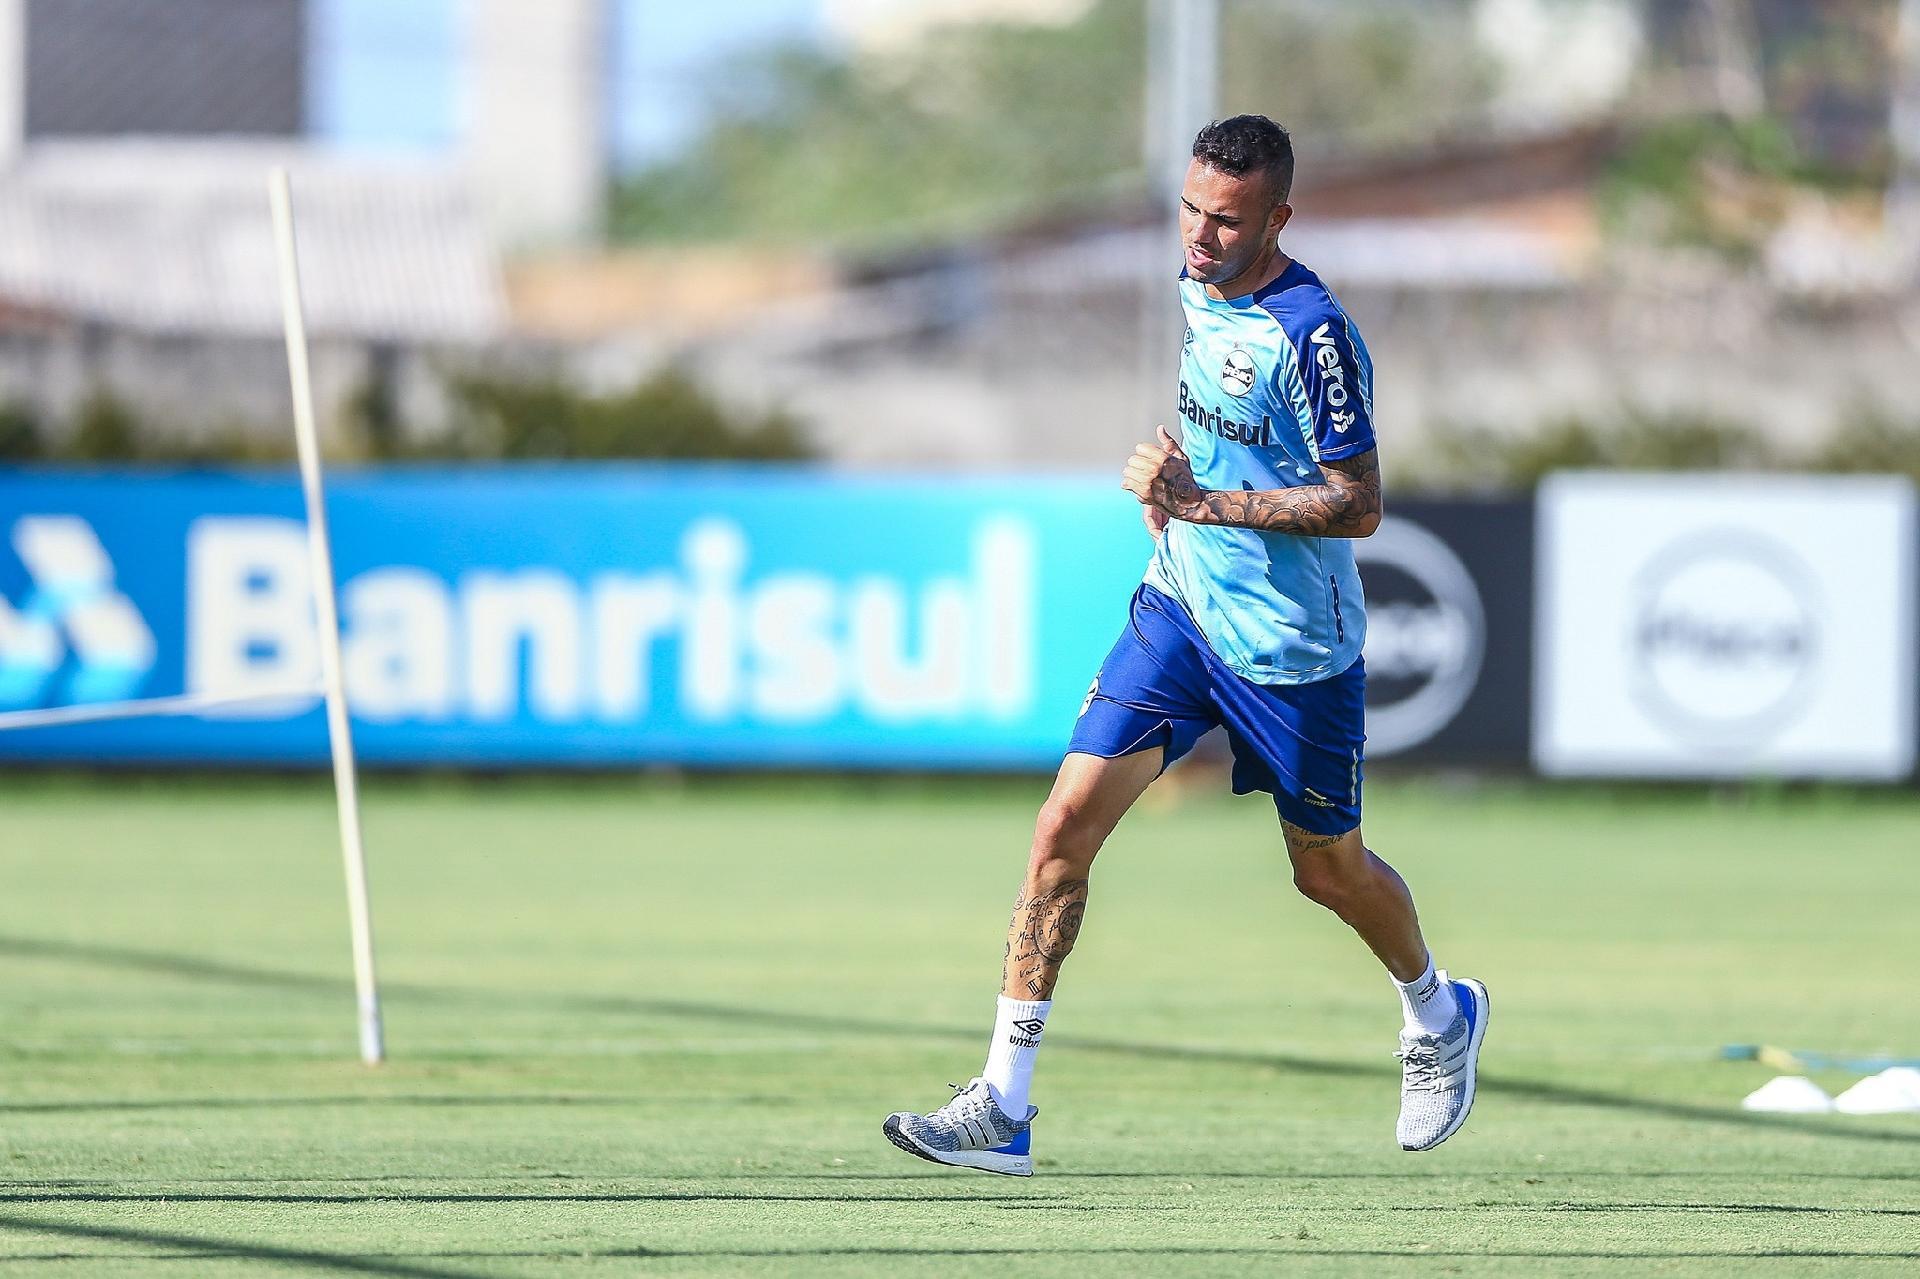 f6f8883e2ecae Grêmio: Luan admite que jogou com dor em 2018 e diz que ficou triste com  negociação